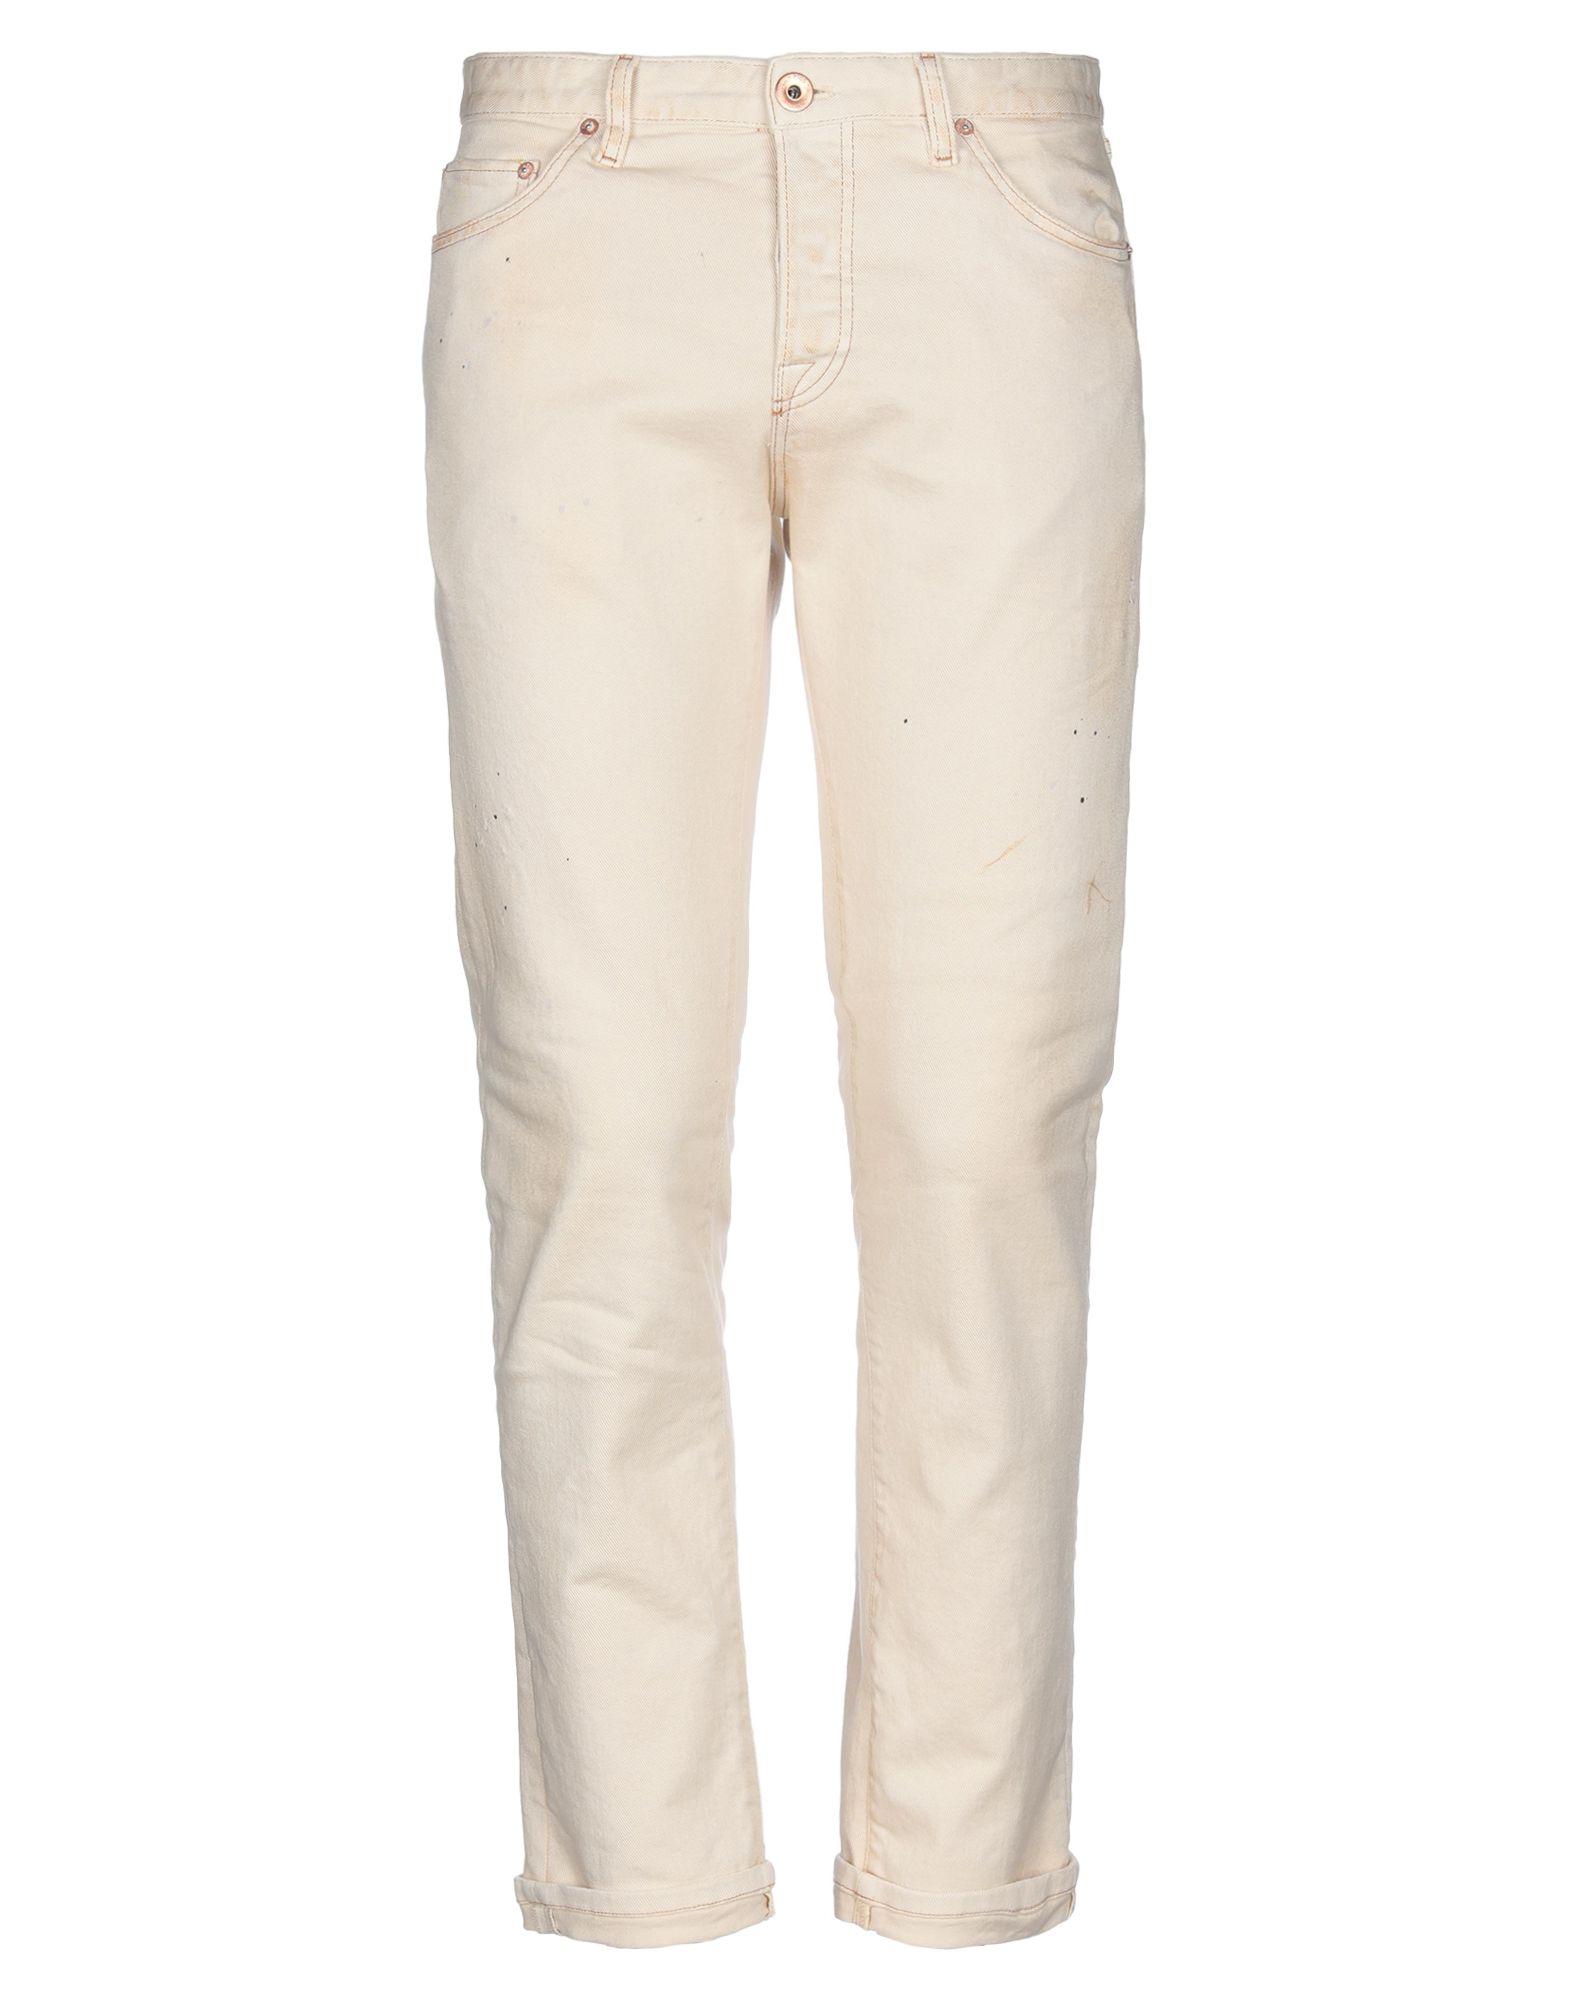 《セール開催中》PT Torino メンズ パンツ ベージュ 30 コットン 94% / エメリー 4% / ポリウレタン 2%